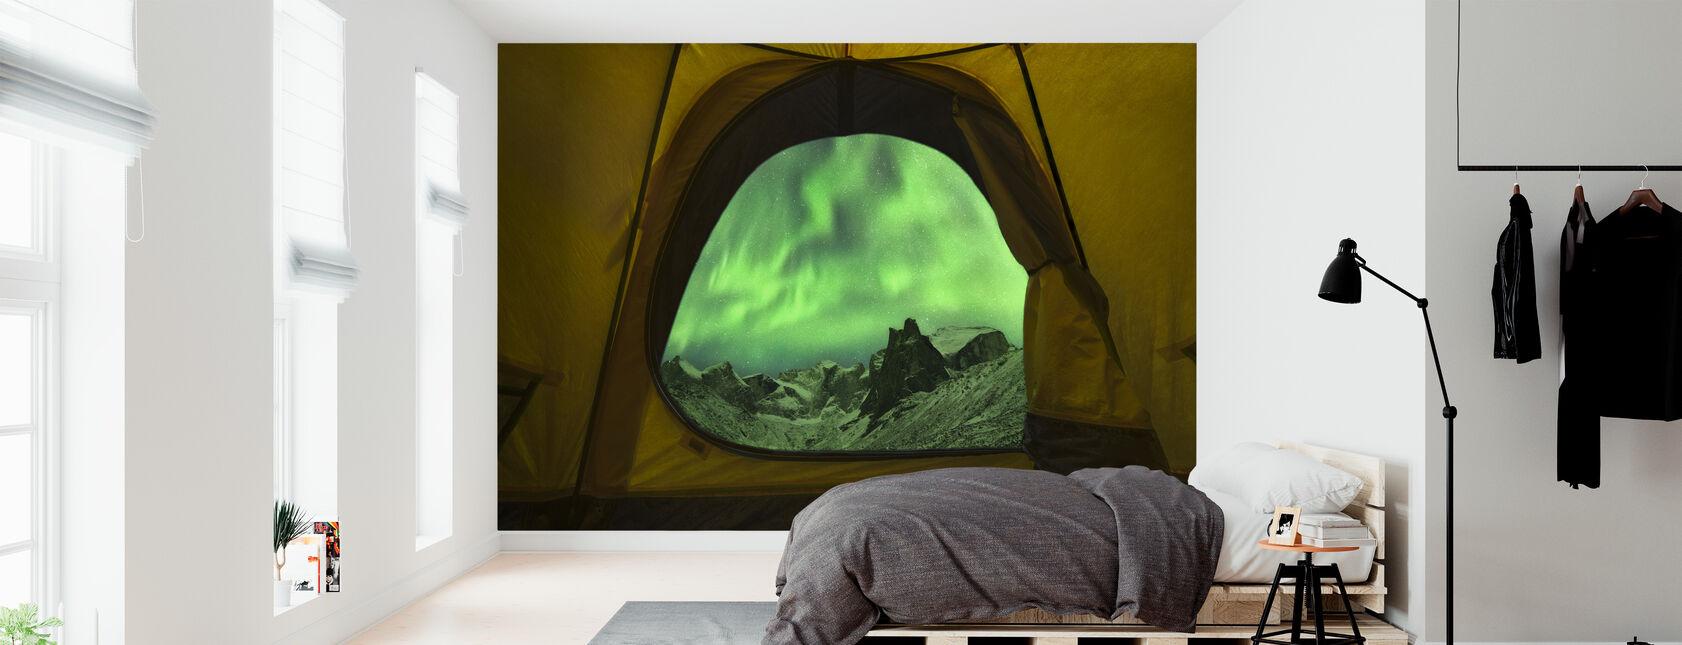 Aurora Borealis Seen from Tent, Alaska - Wallpaper - Bedroom